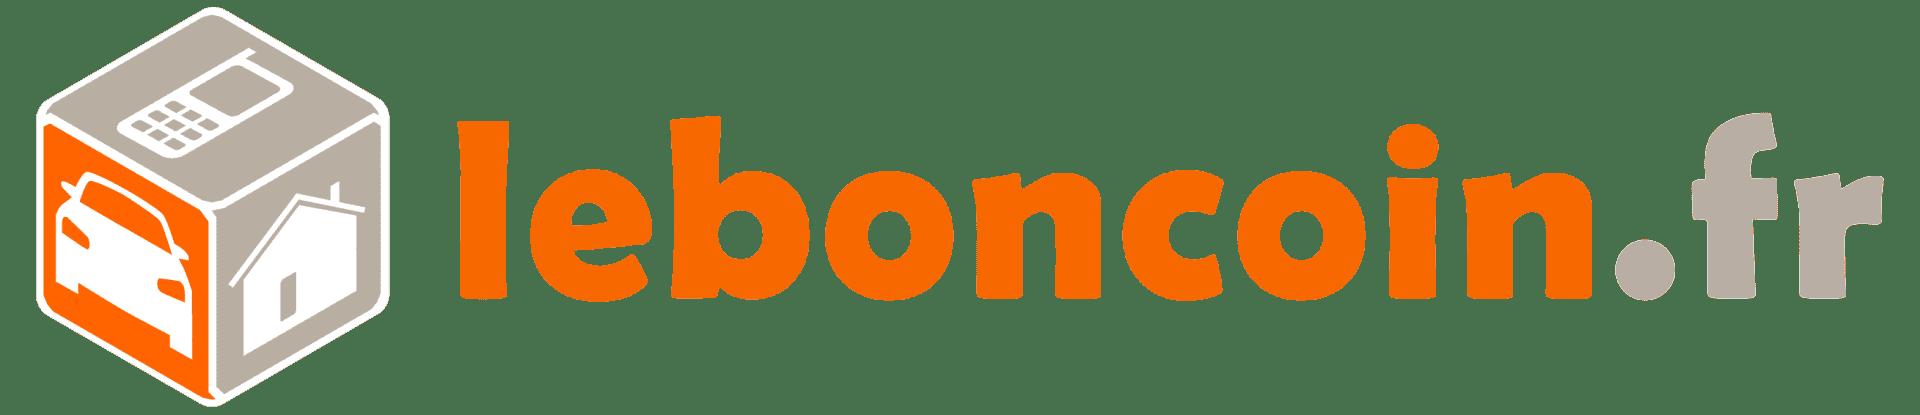 Immonot sort le grand jeu sur Leboncoin